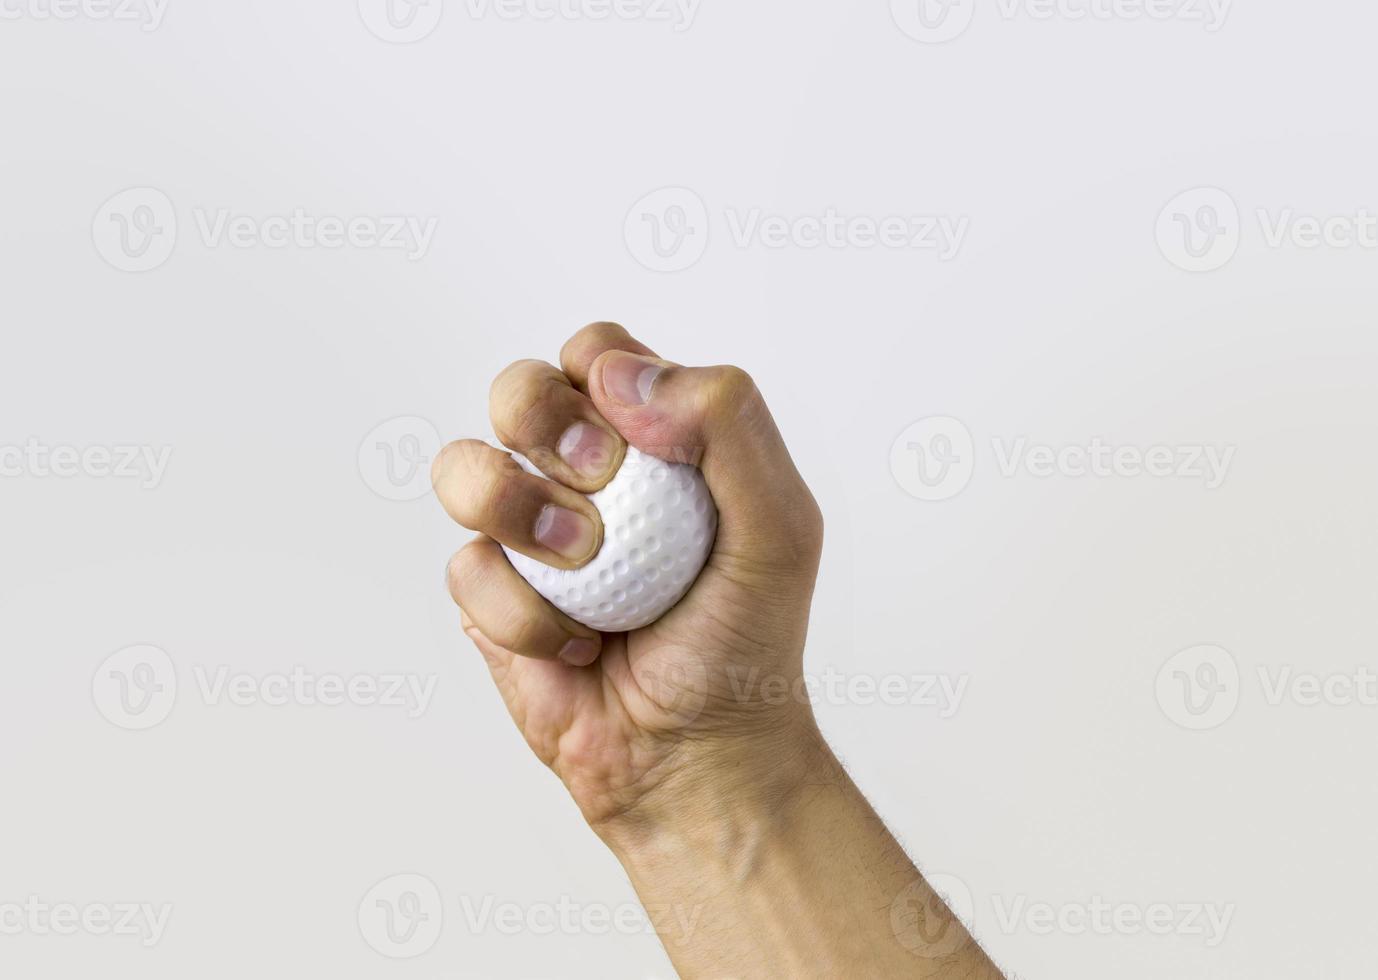 mano stringendo la palla antistress foto